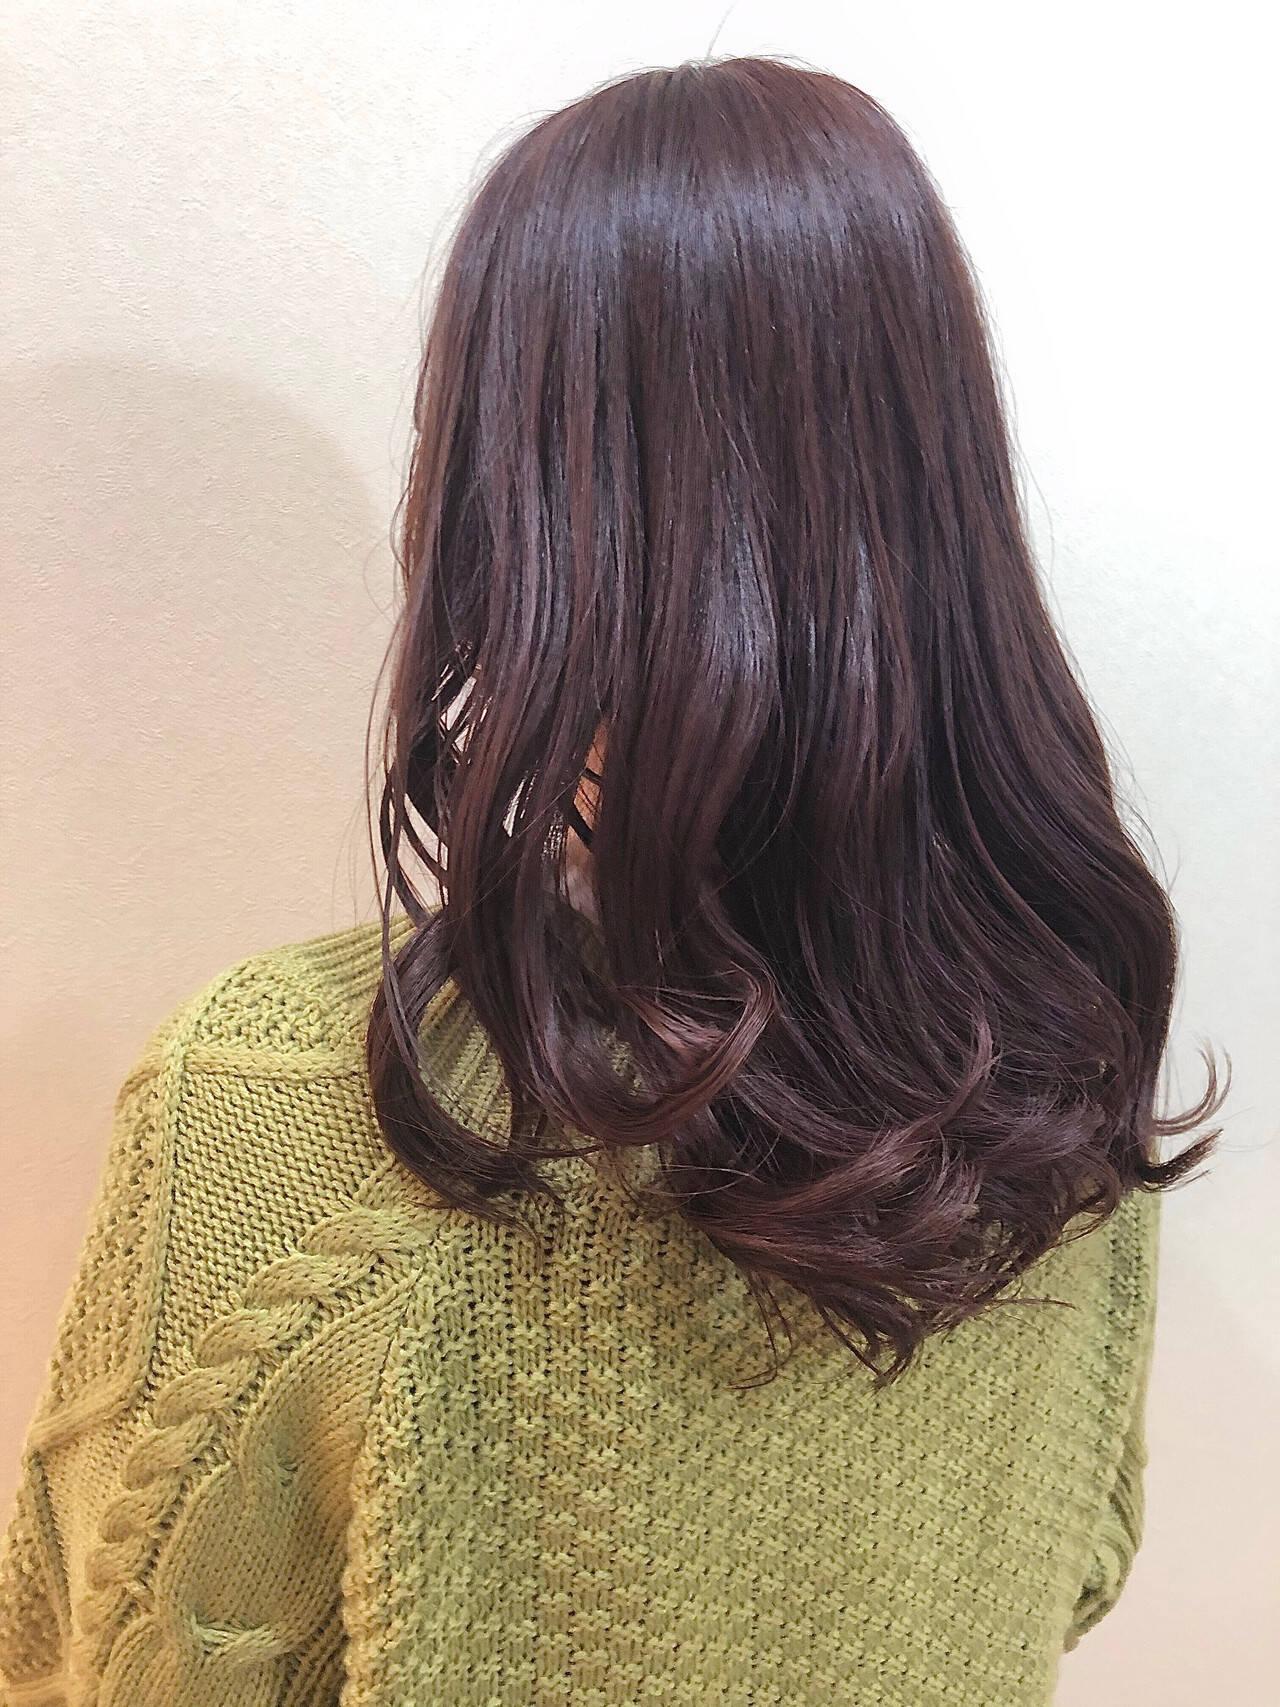 パープル ブルーラベンダー ブルーバイオレット コンサバヘアスタイルや髪型の写真・画像